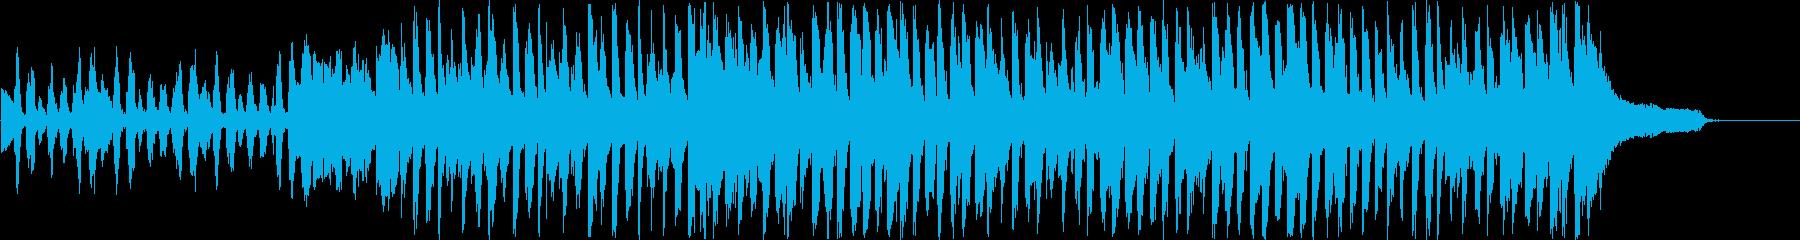 企業向けの明るい口笛アコースティックの再生済みの波形